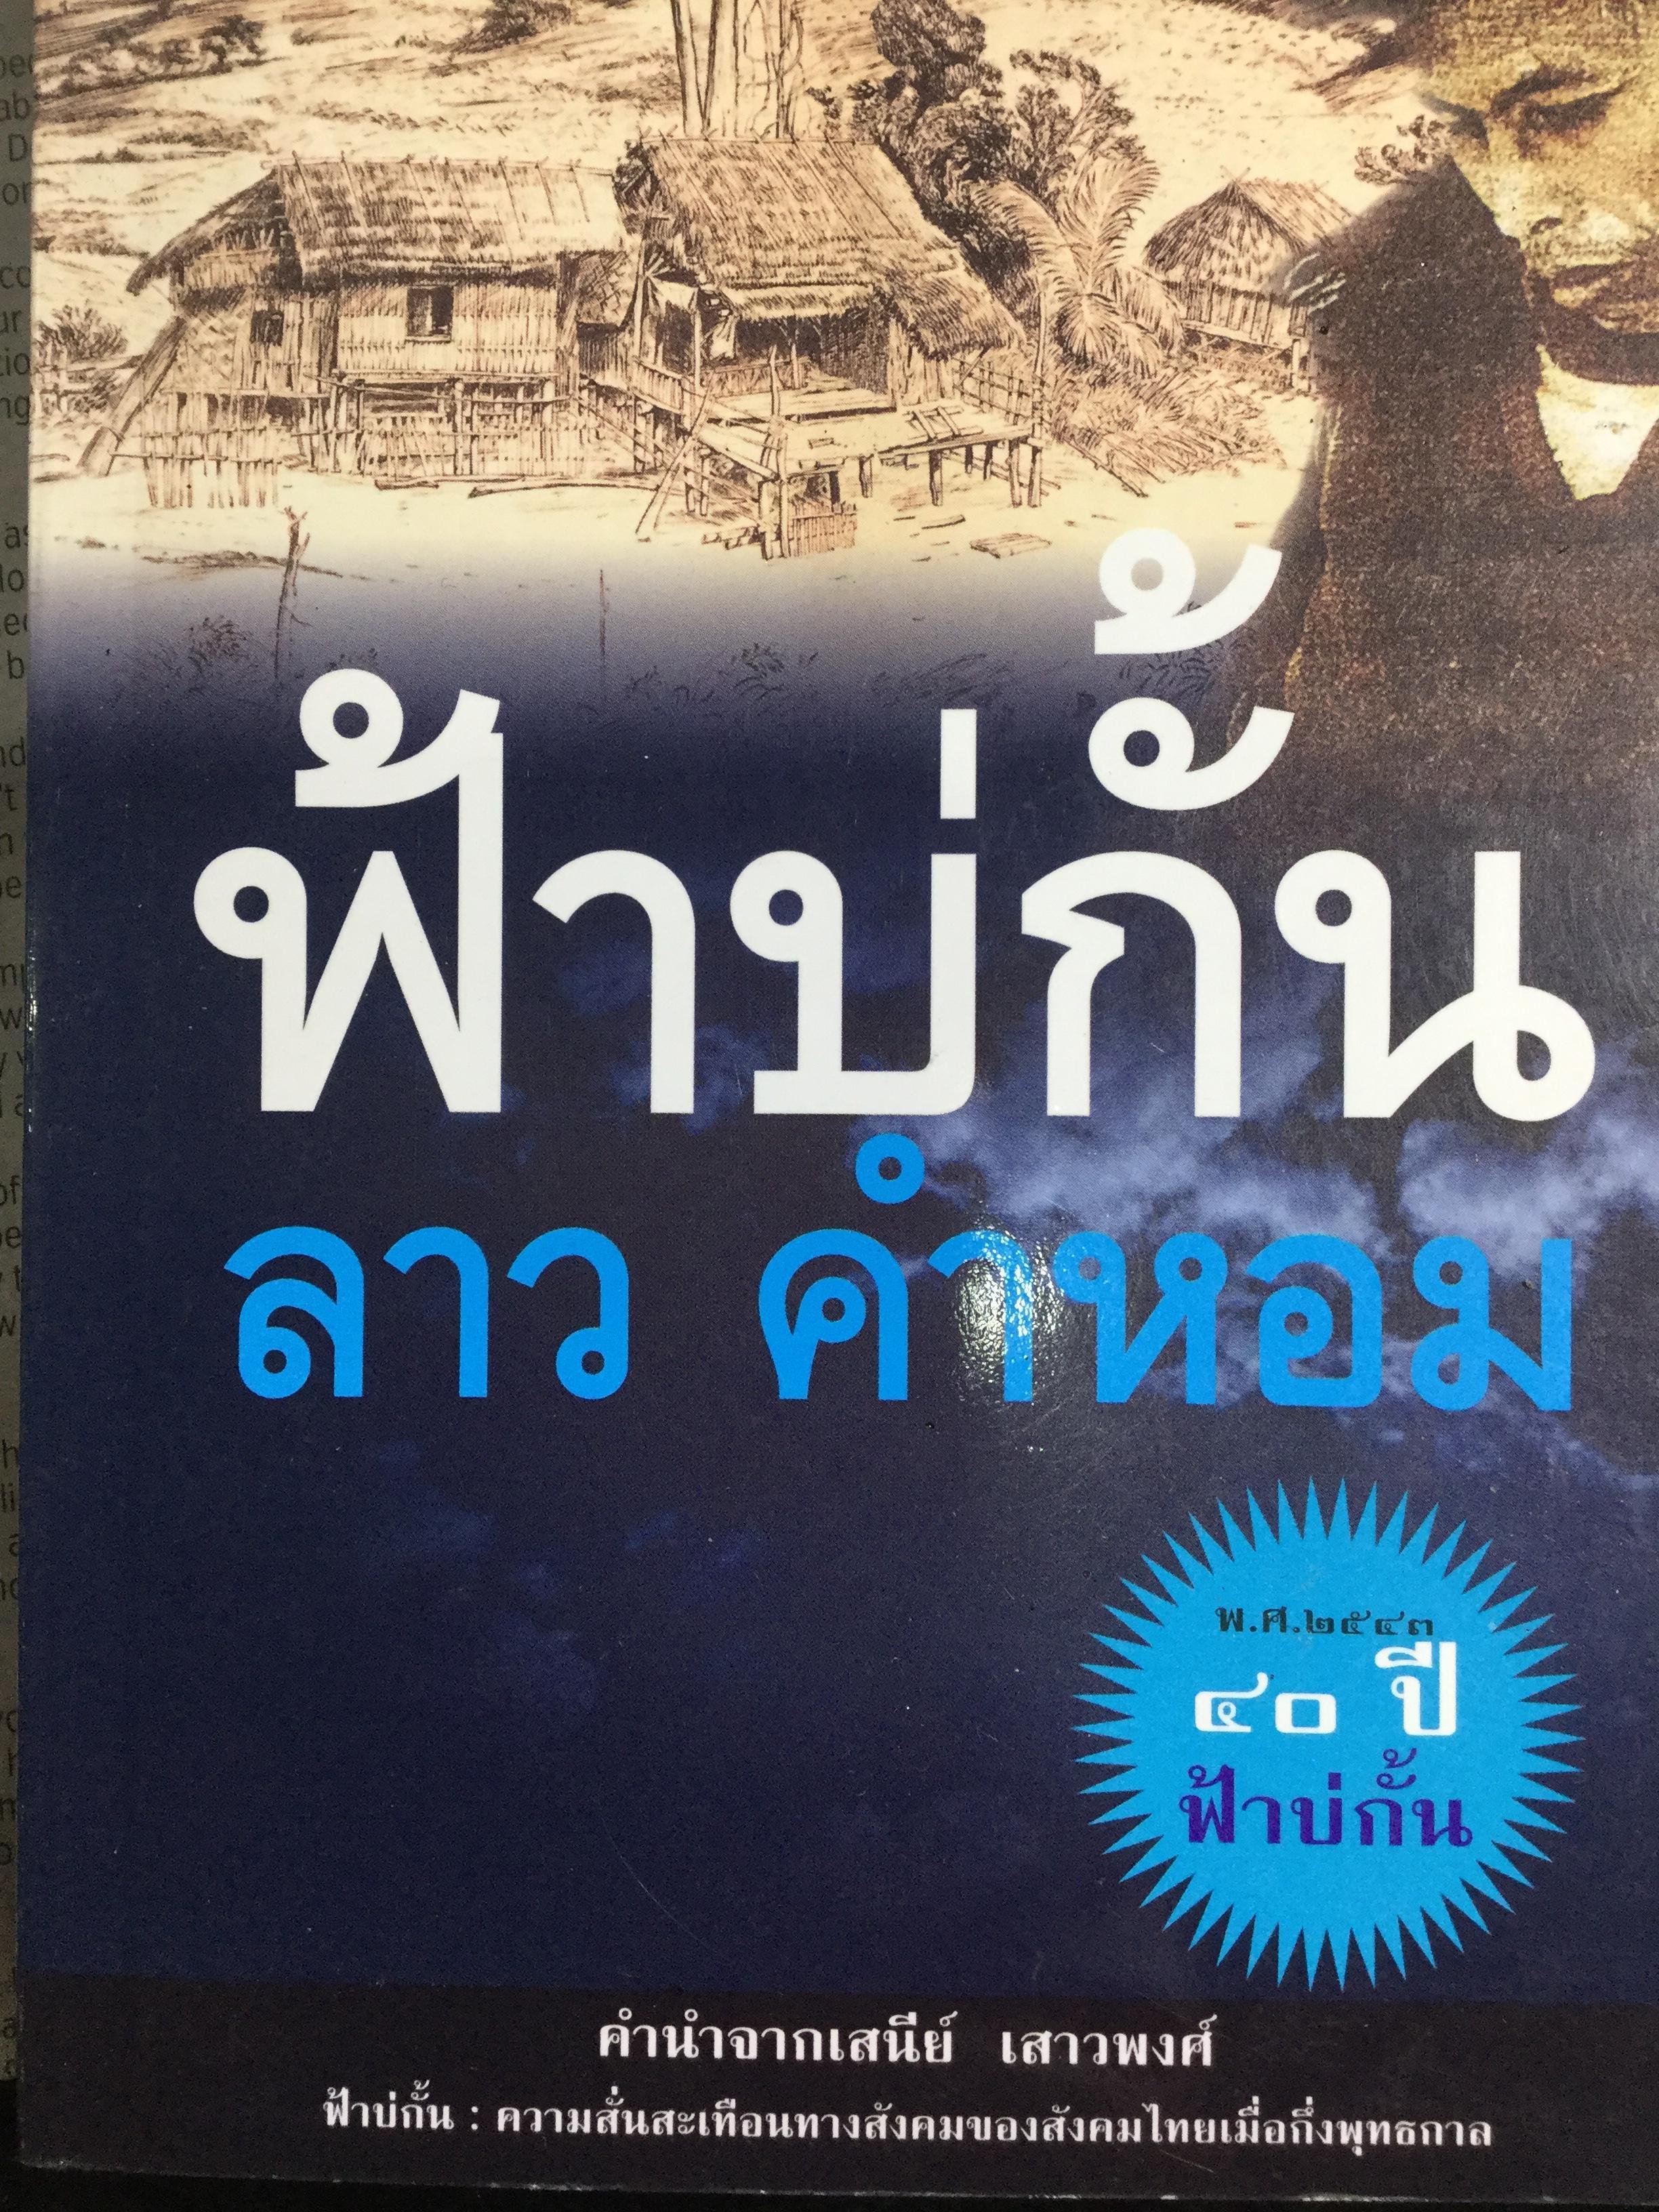 ฟ้าบ่กั้น. ความสั่นสะเทือนทางสังคมของสังคมไทยเมื่อกึ่งพุทธกาล. ผู้เขียน ลาว คำหอม